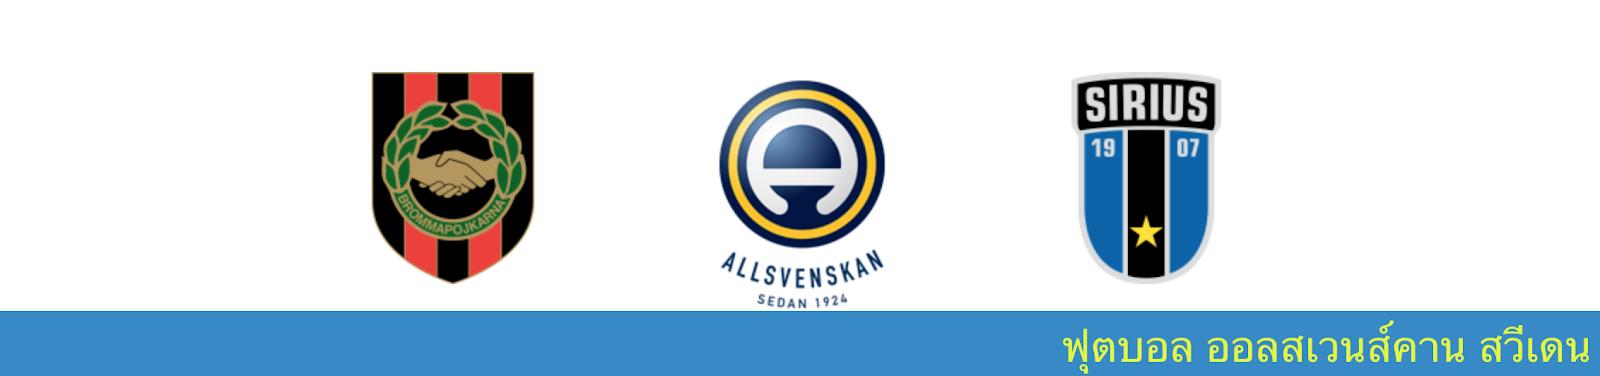 ผลบอล วิเคราะห์บอล สวีเดน ระหว่าง บรอมมาปอจคาร์น่า vs ซิริอุส